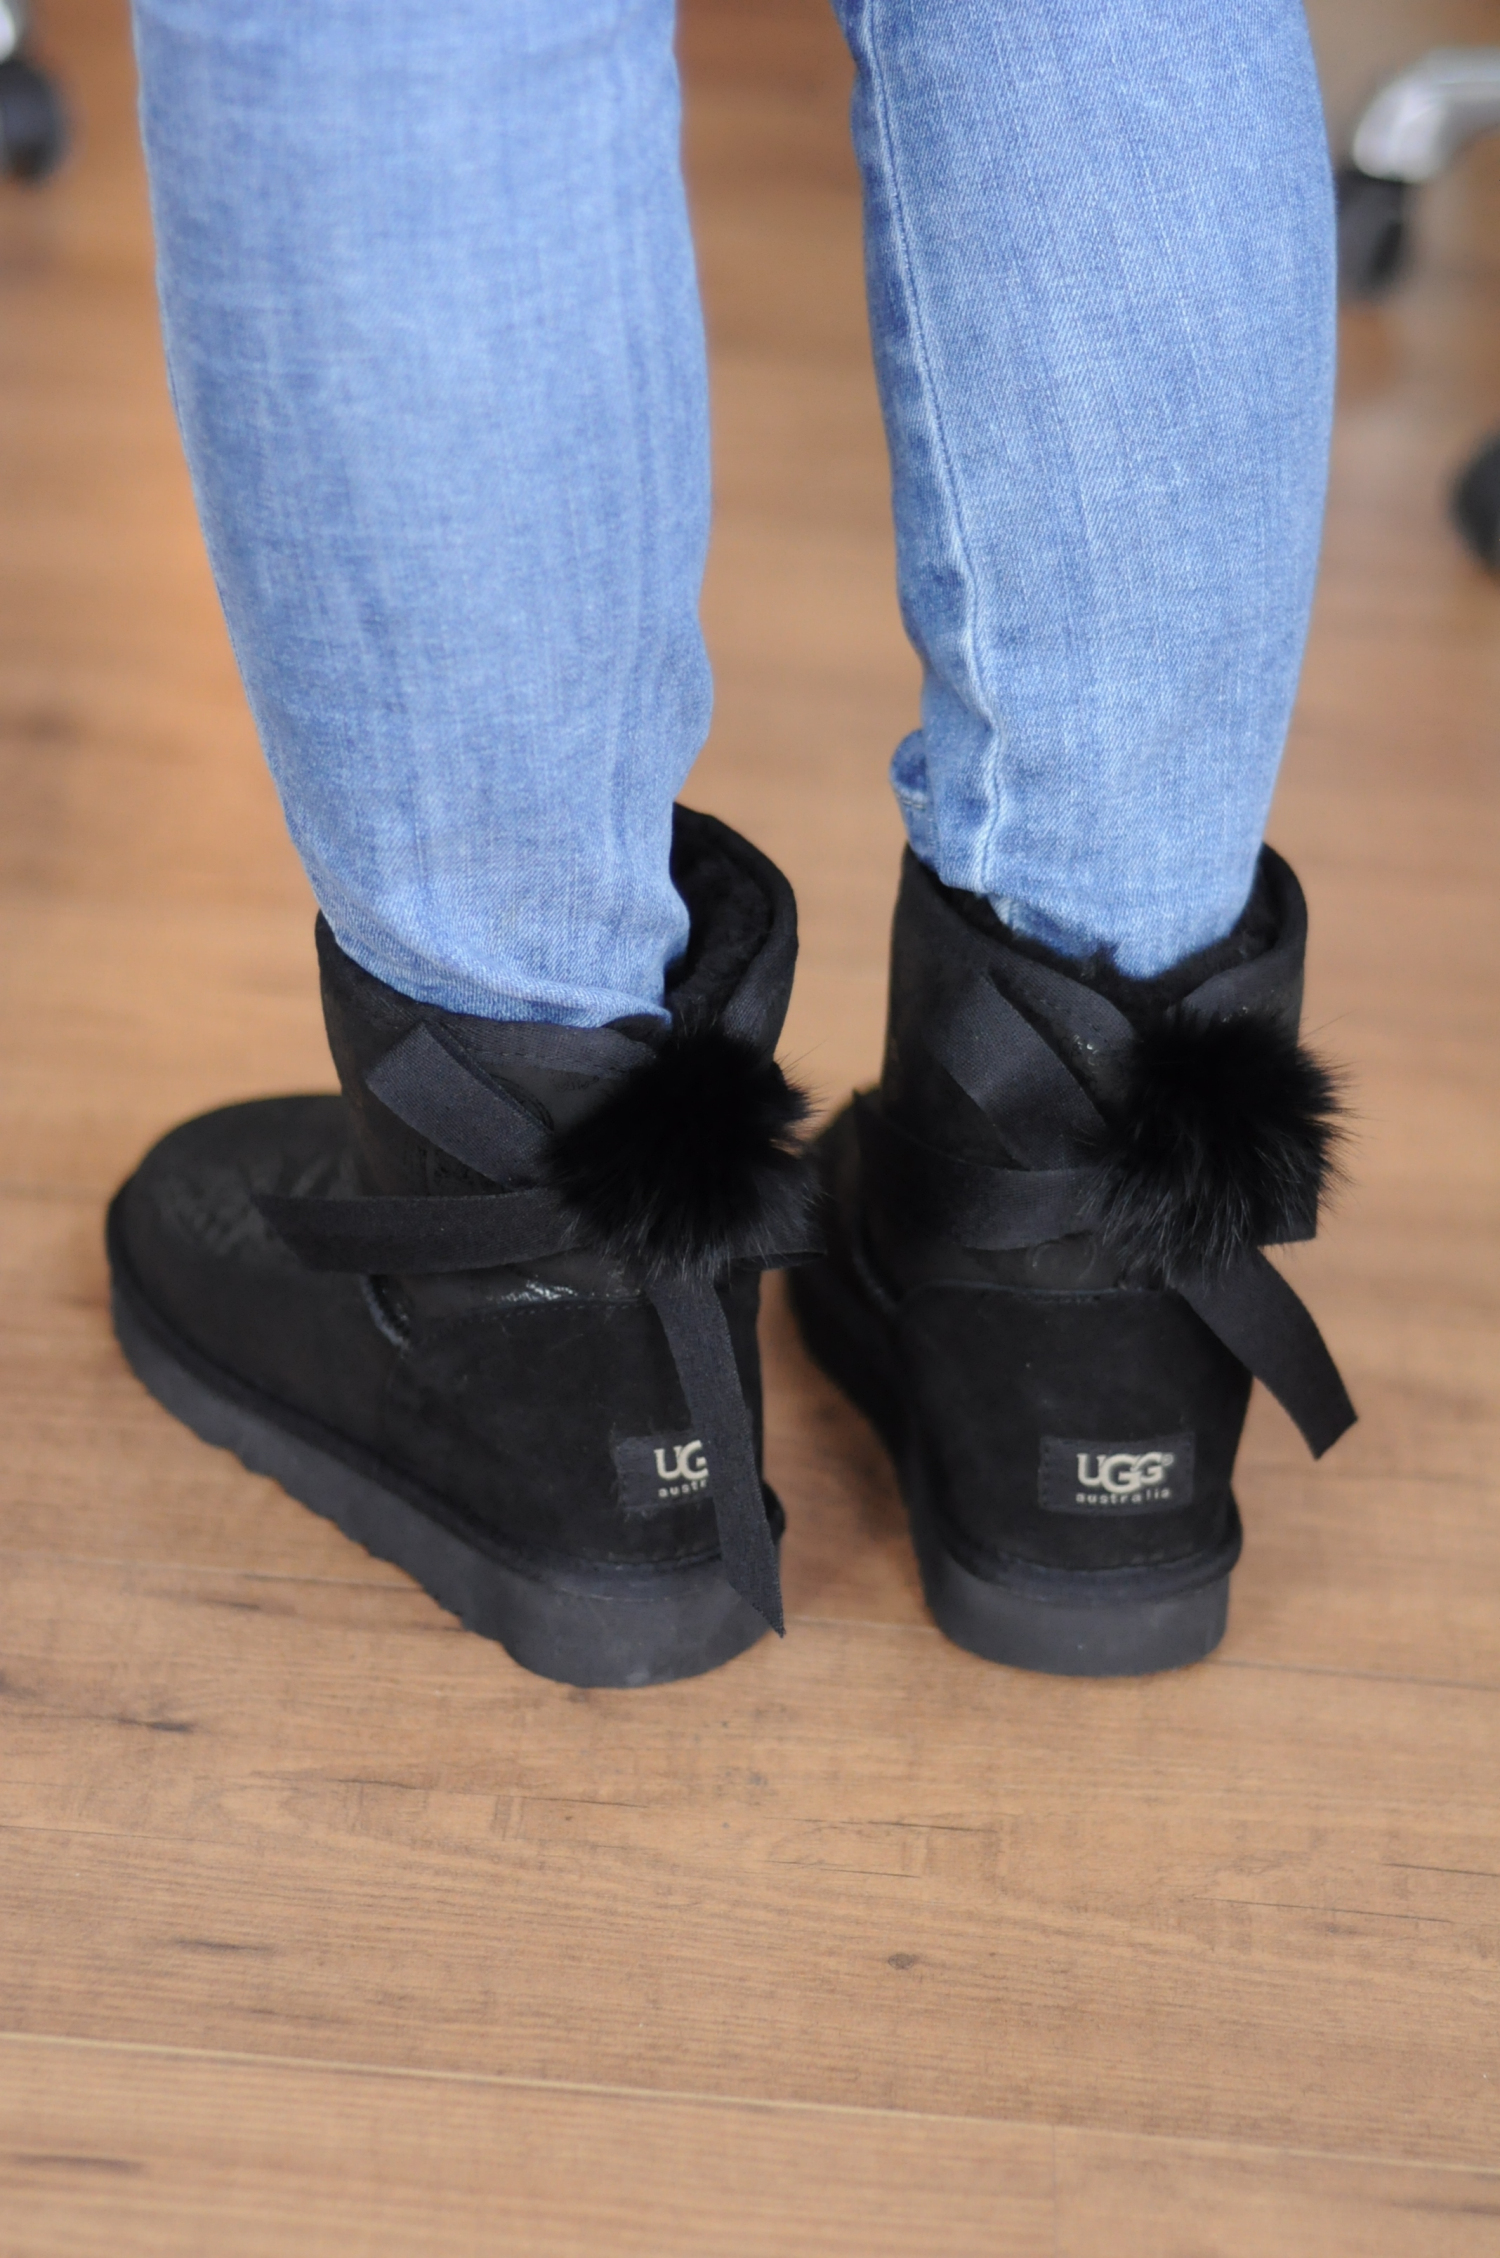 ...的是办公室里的意大利老外也很感兴趣光脚套新鞋也就算了!